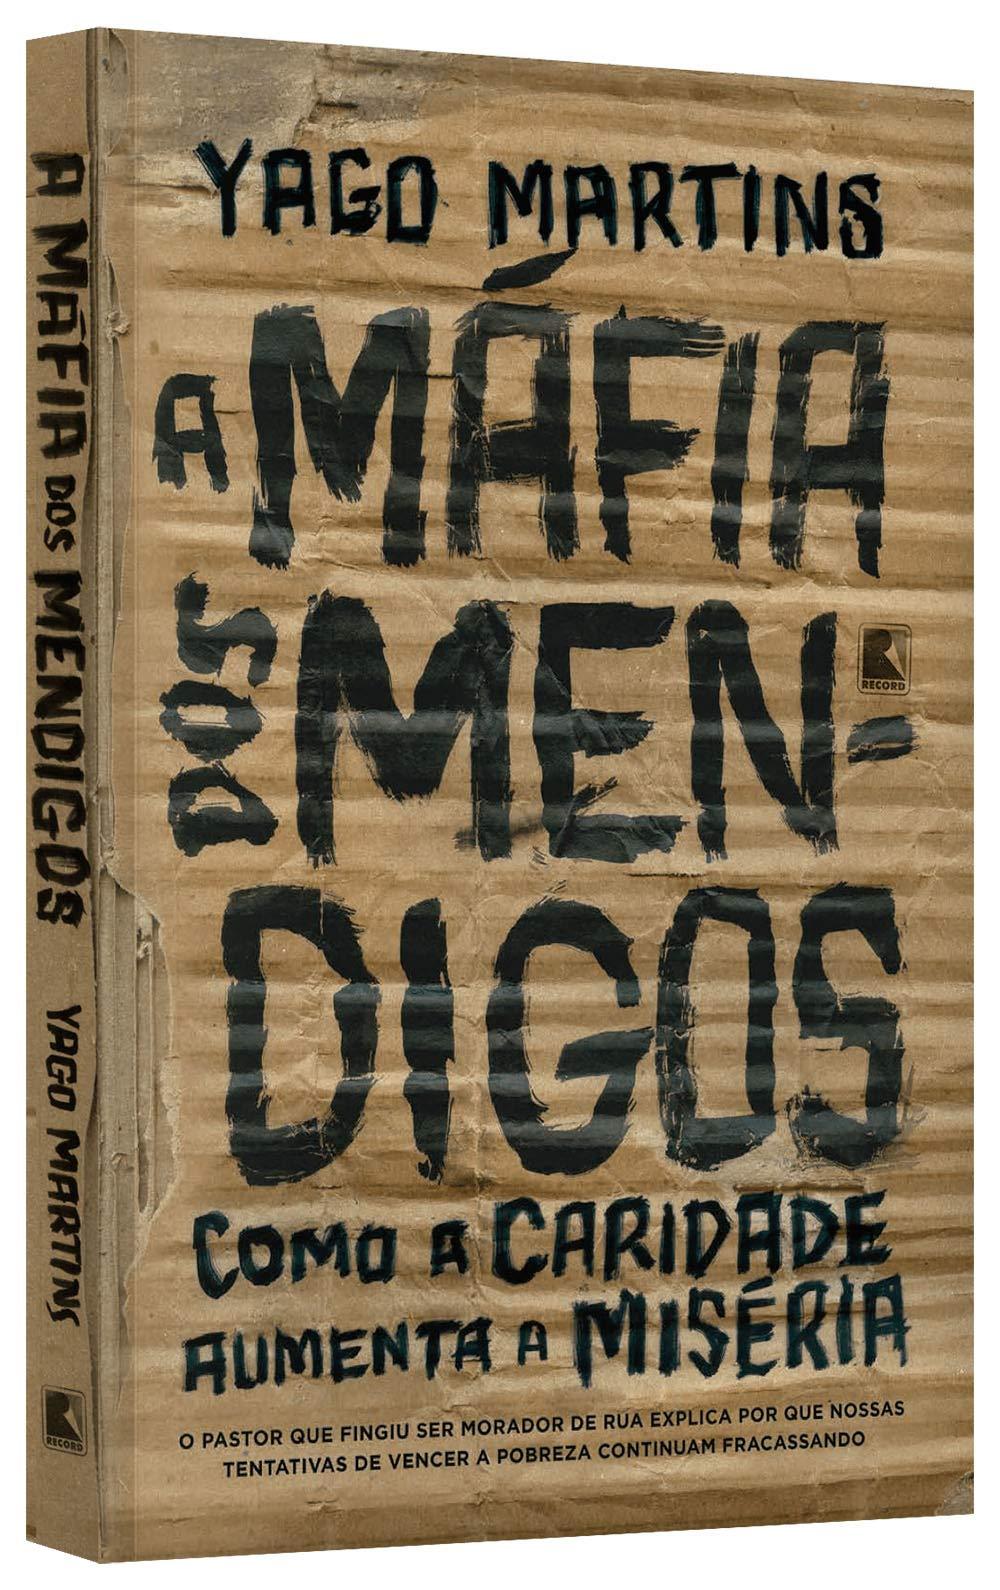 A máfia dos mendigos: Como a caridade aumenta a miséria: o pastor que fingiu ser morador de rua explica por que nossas tentativas de vencer a pobreza continuam fracassando: Amazon.es: Yago Martins: